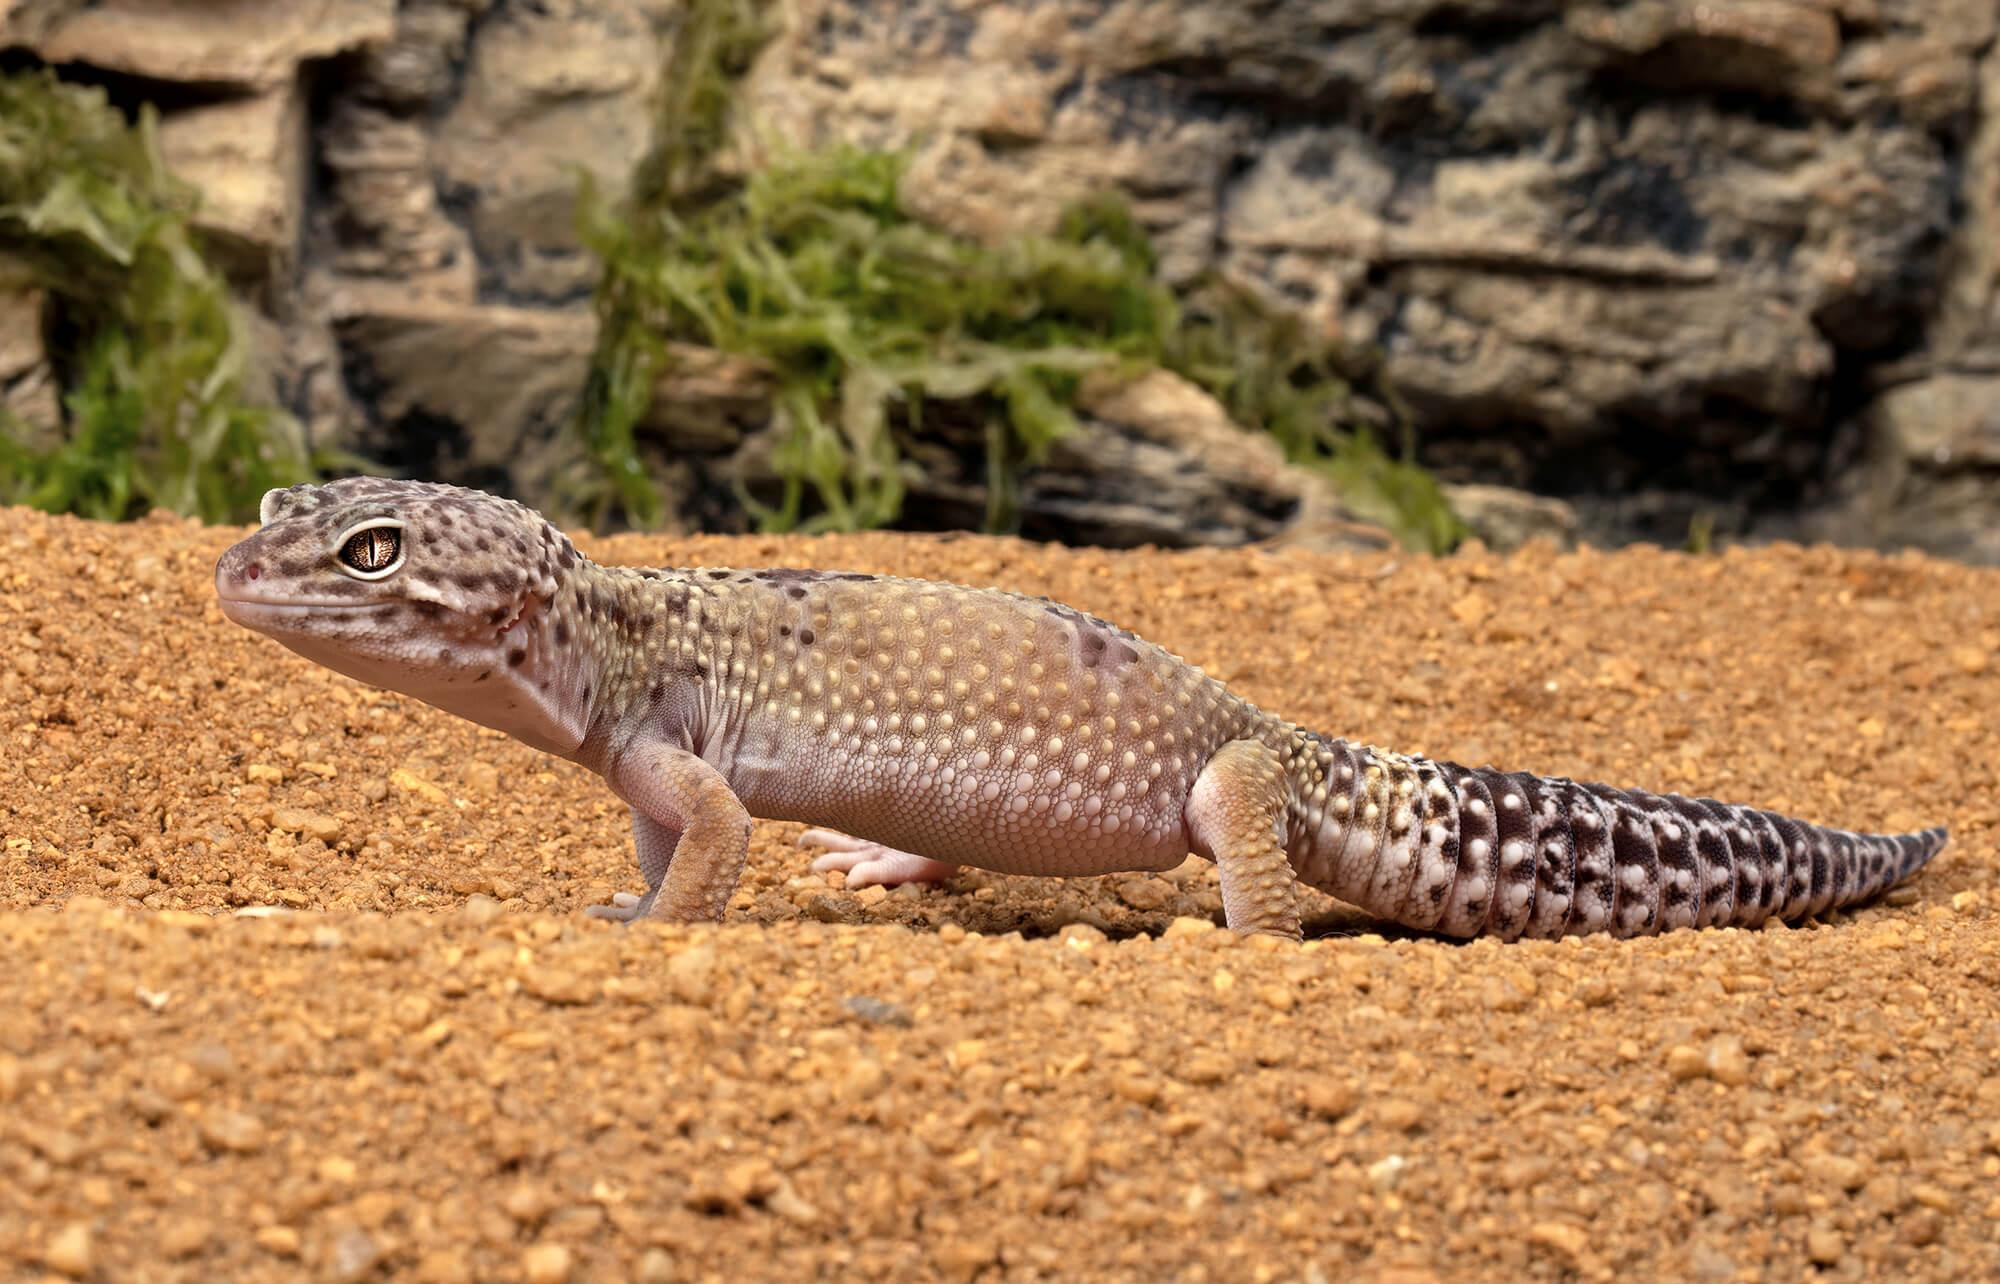 Leopard Gecko San Diego Zoo Animals Plants